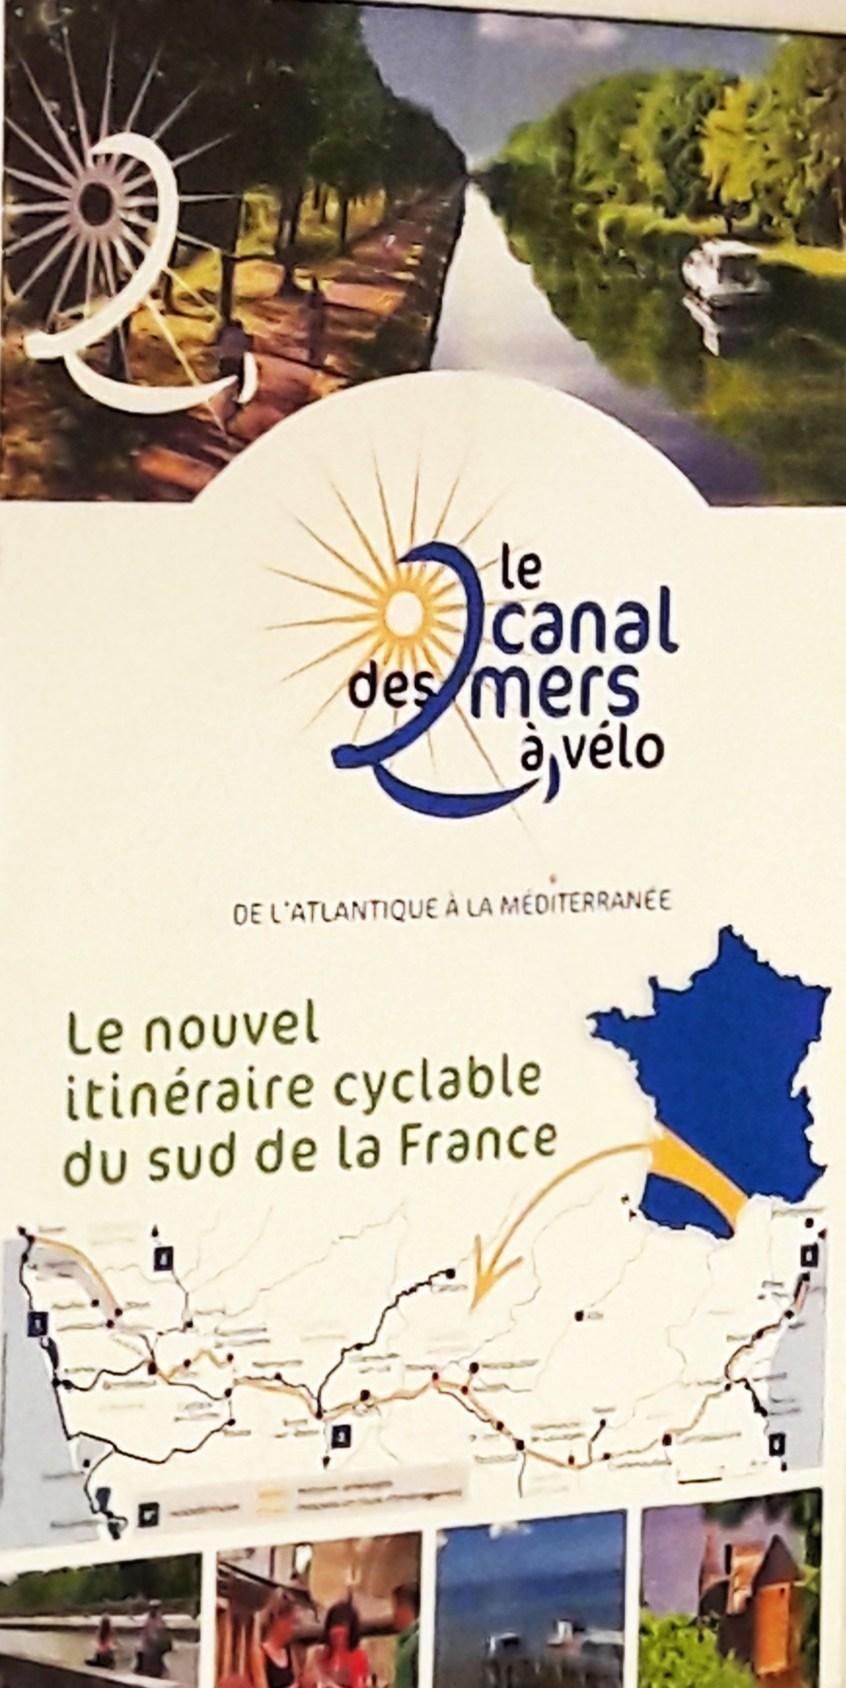 Le Canal des 2 mers à vélo